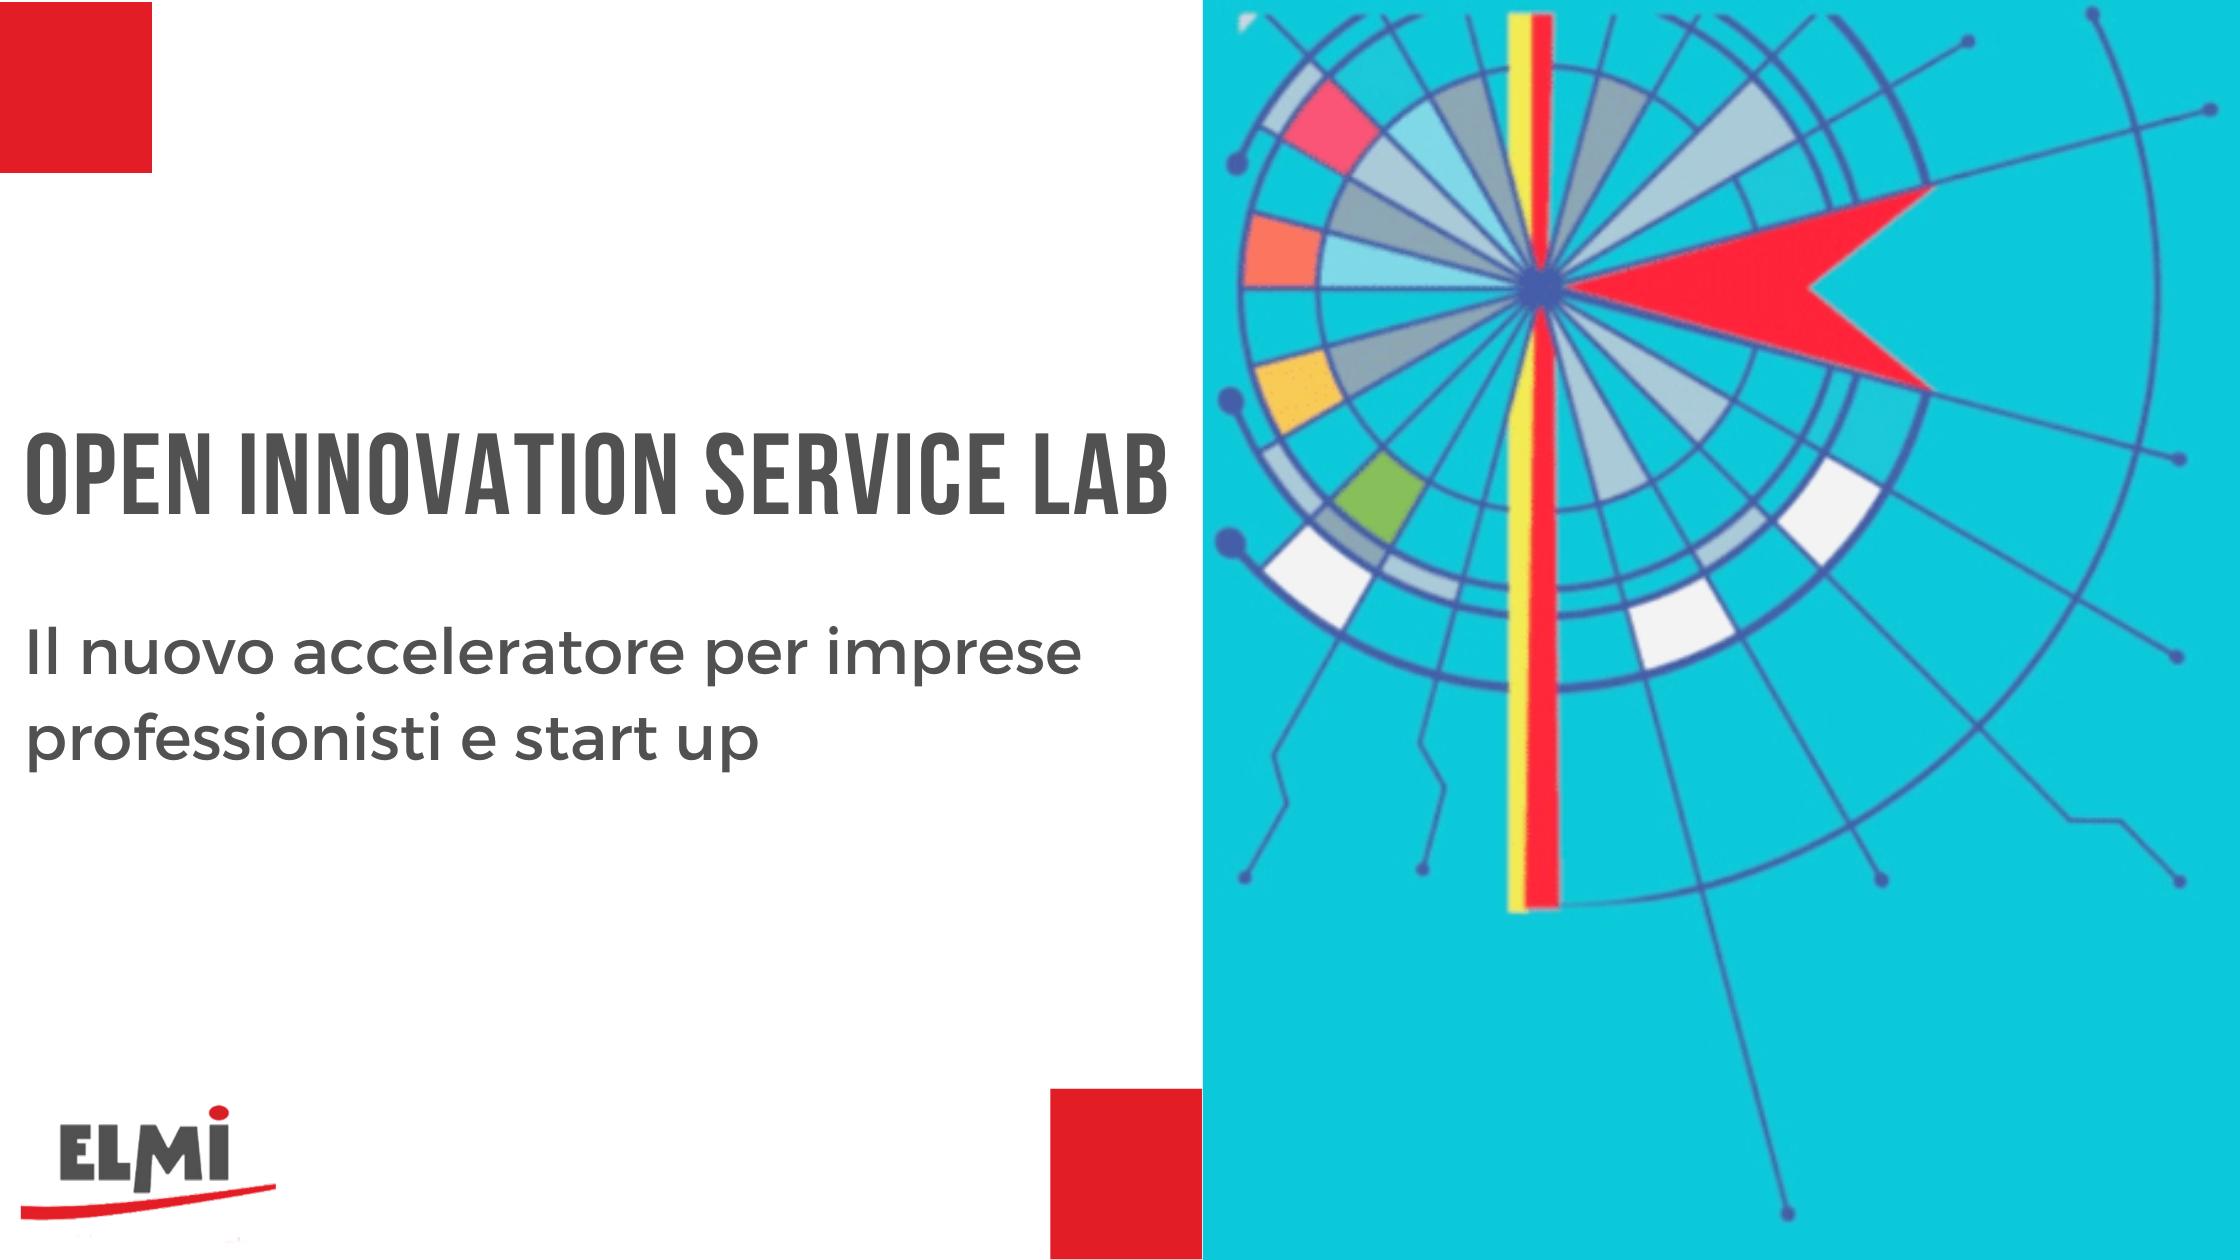 Open Innovation Service Lab - Il nuovo acceleratore per imprese